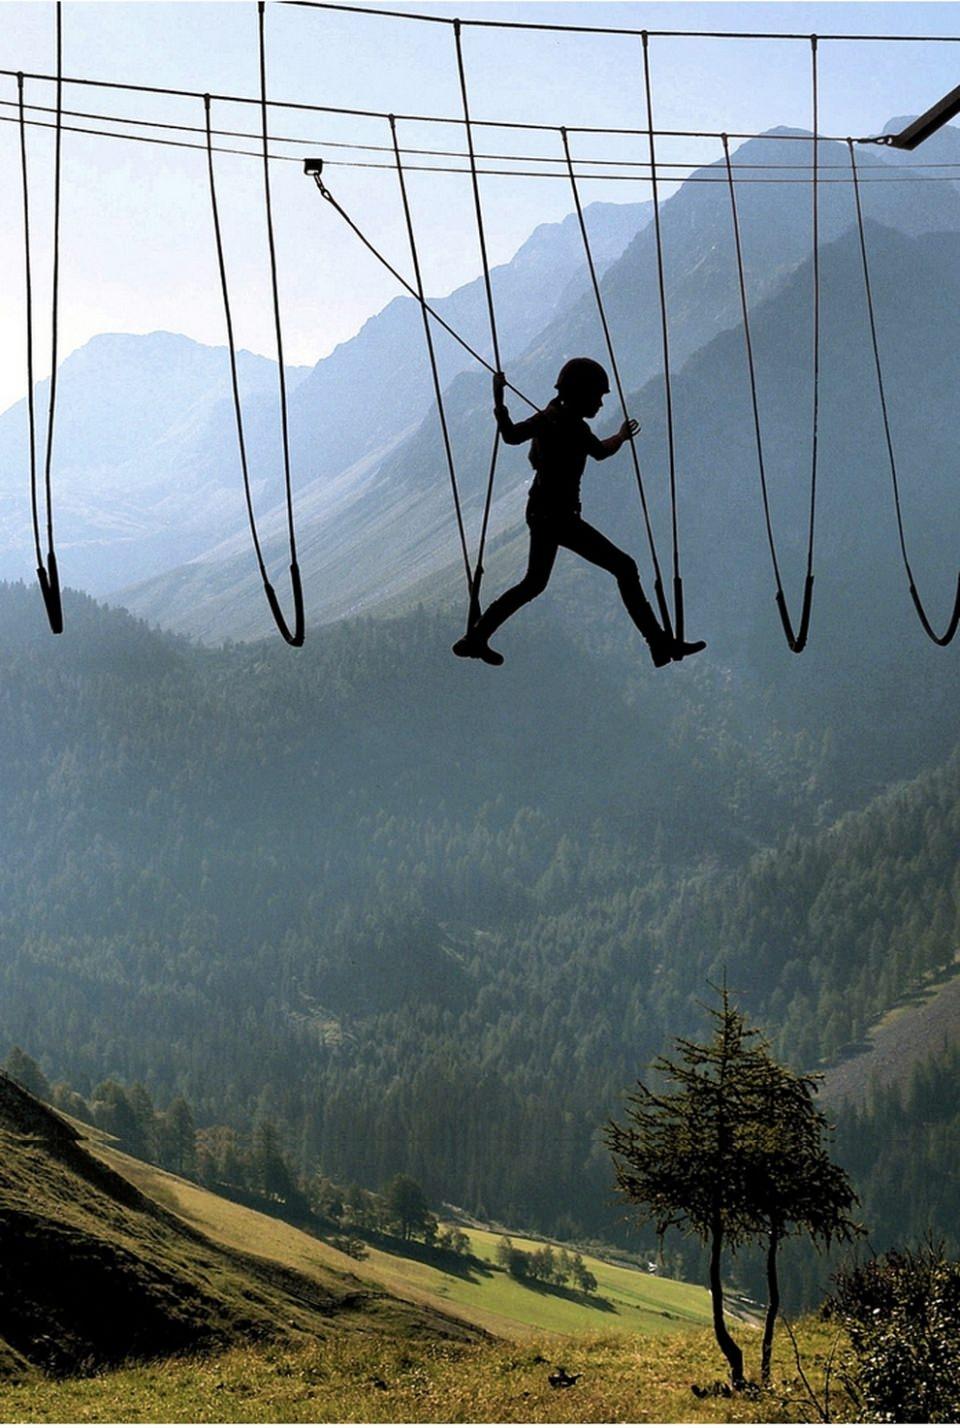 Yükseklik korkusu olanlar bakmasın! galerisi resim 27